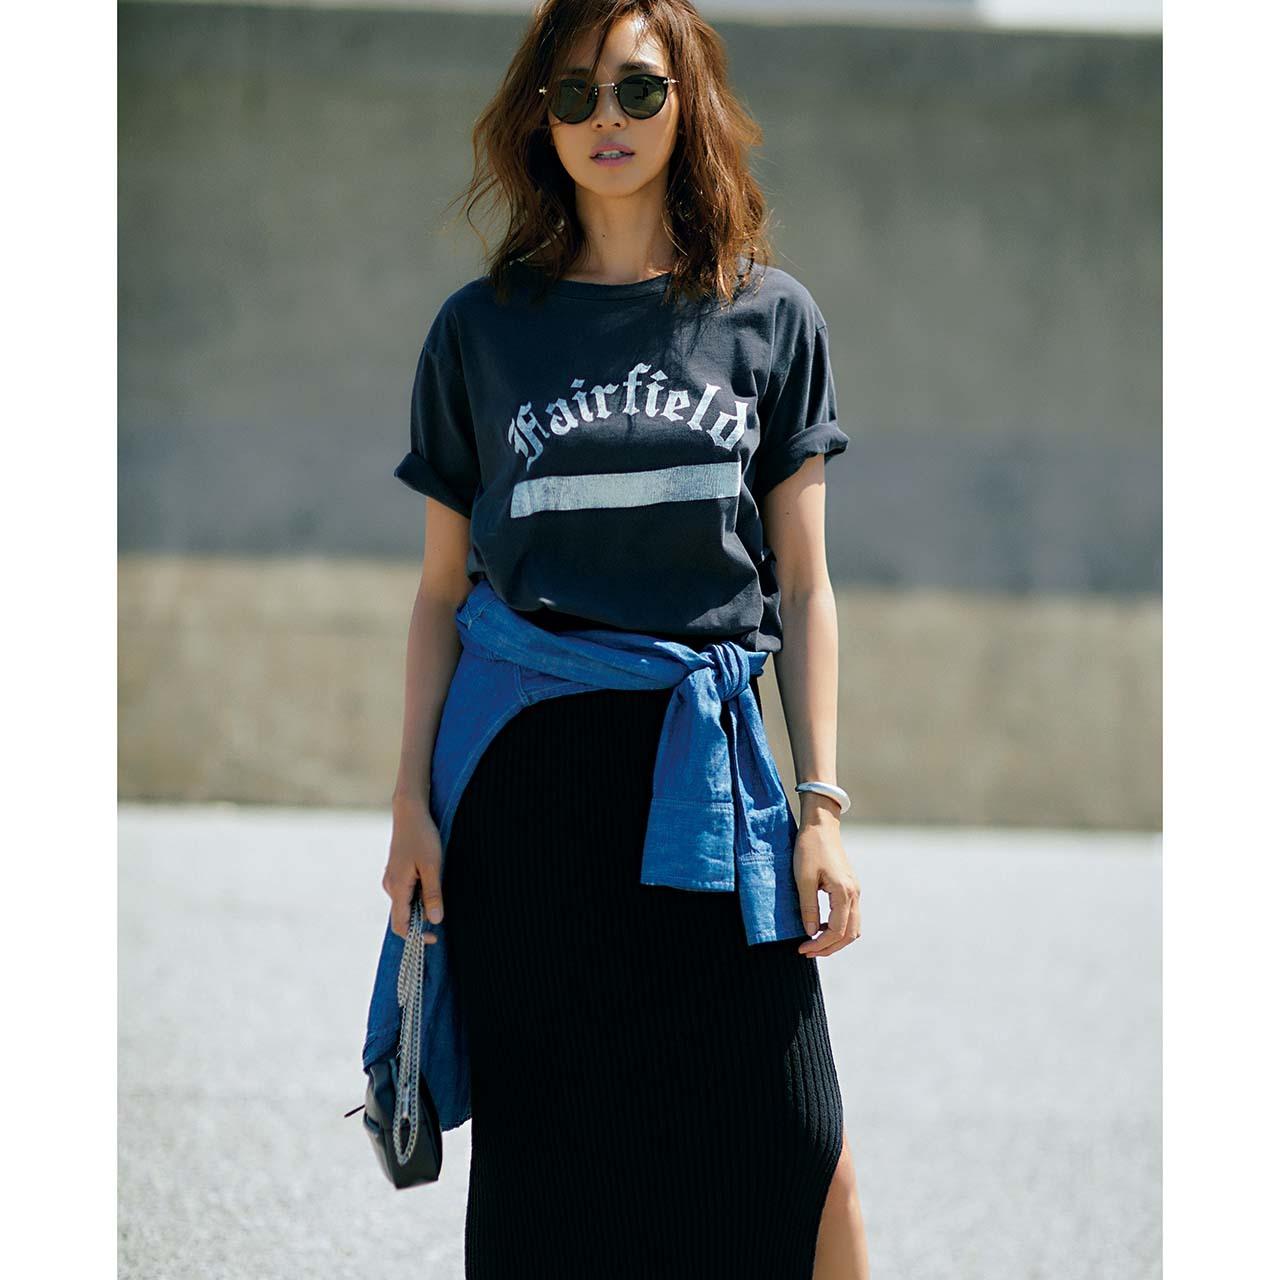 ロゴTシャツ×ブラックのスリット入りタイトスカートコーデを着たモデルのSHIHOさん